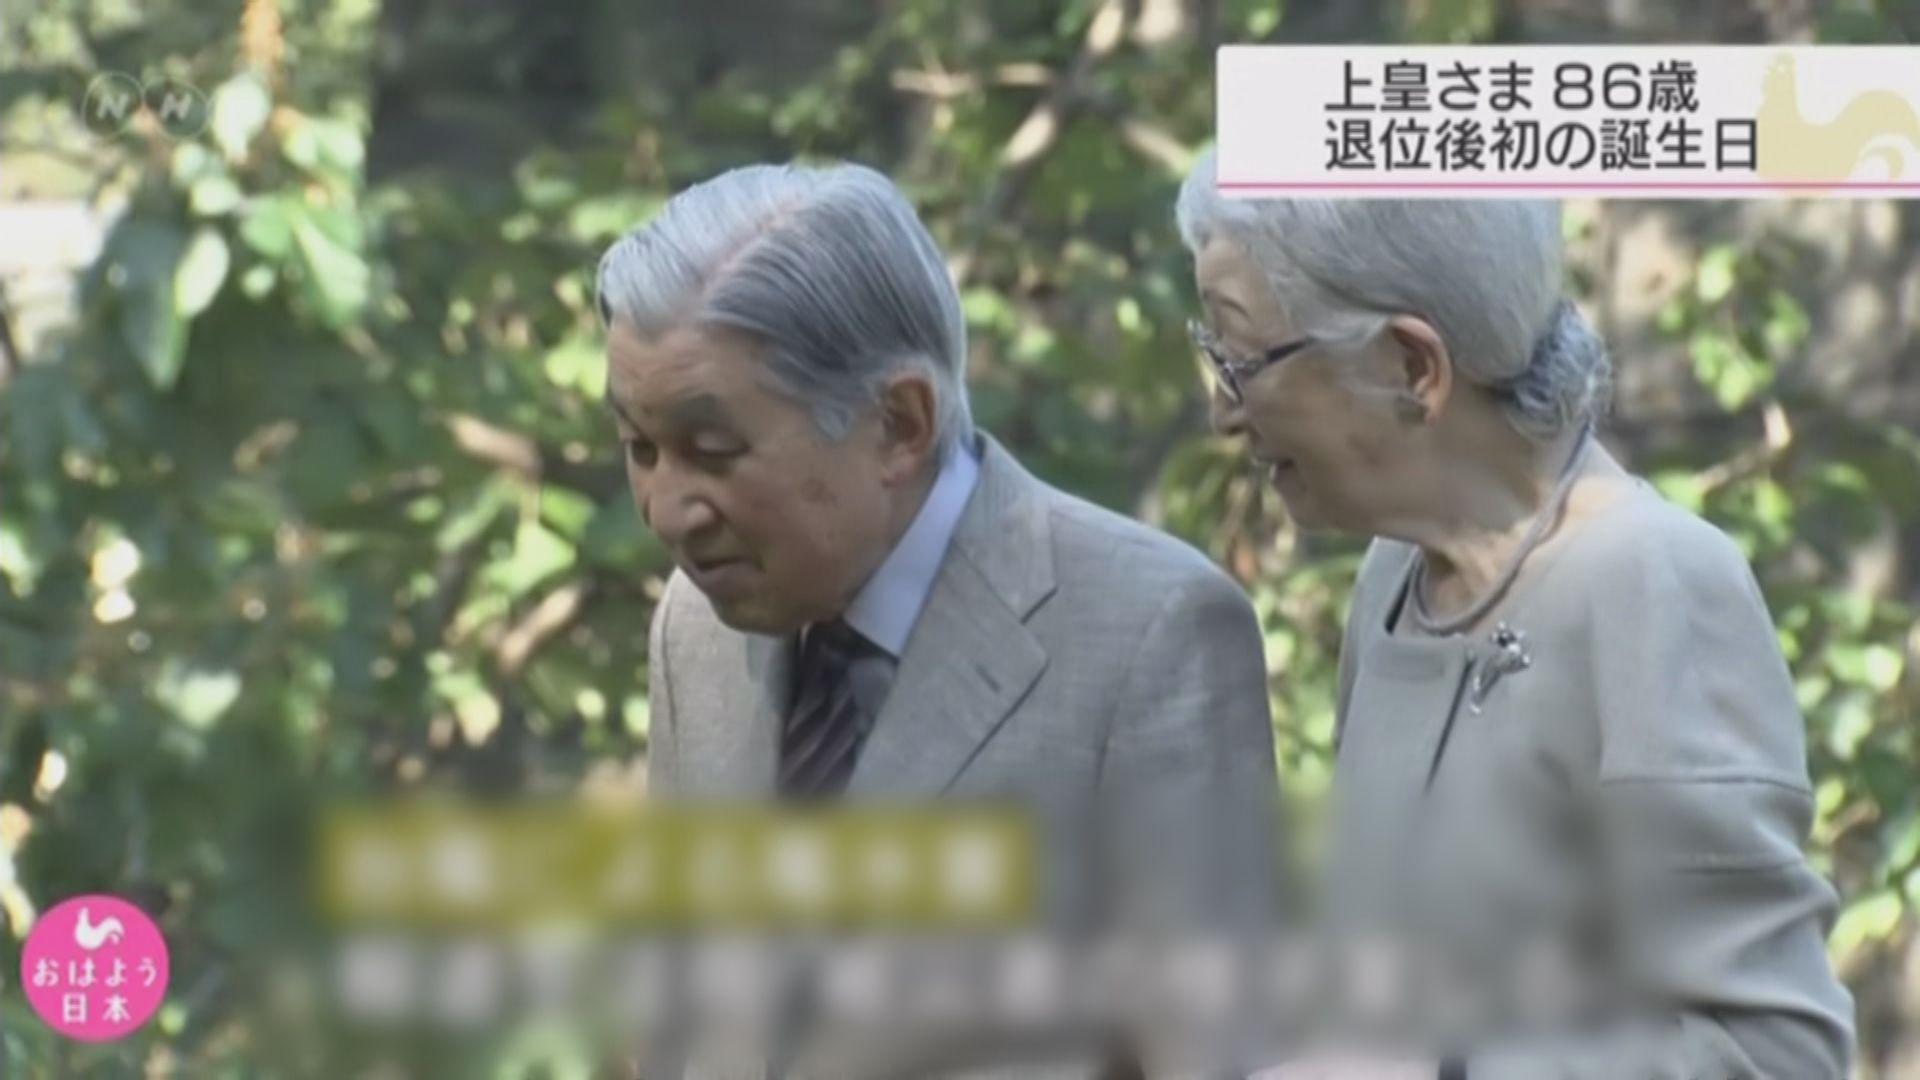 【環球薈報】上皇明仁將與皇室成員共度86歲誕辰